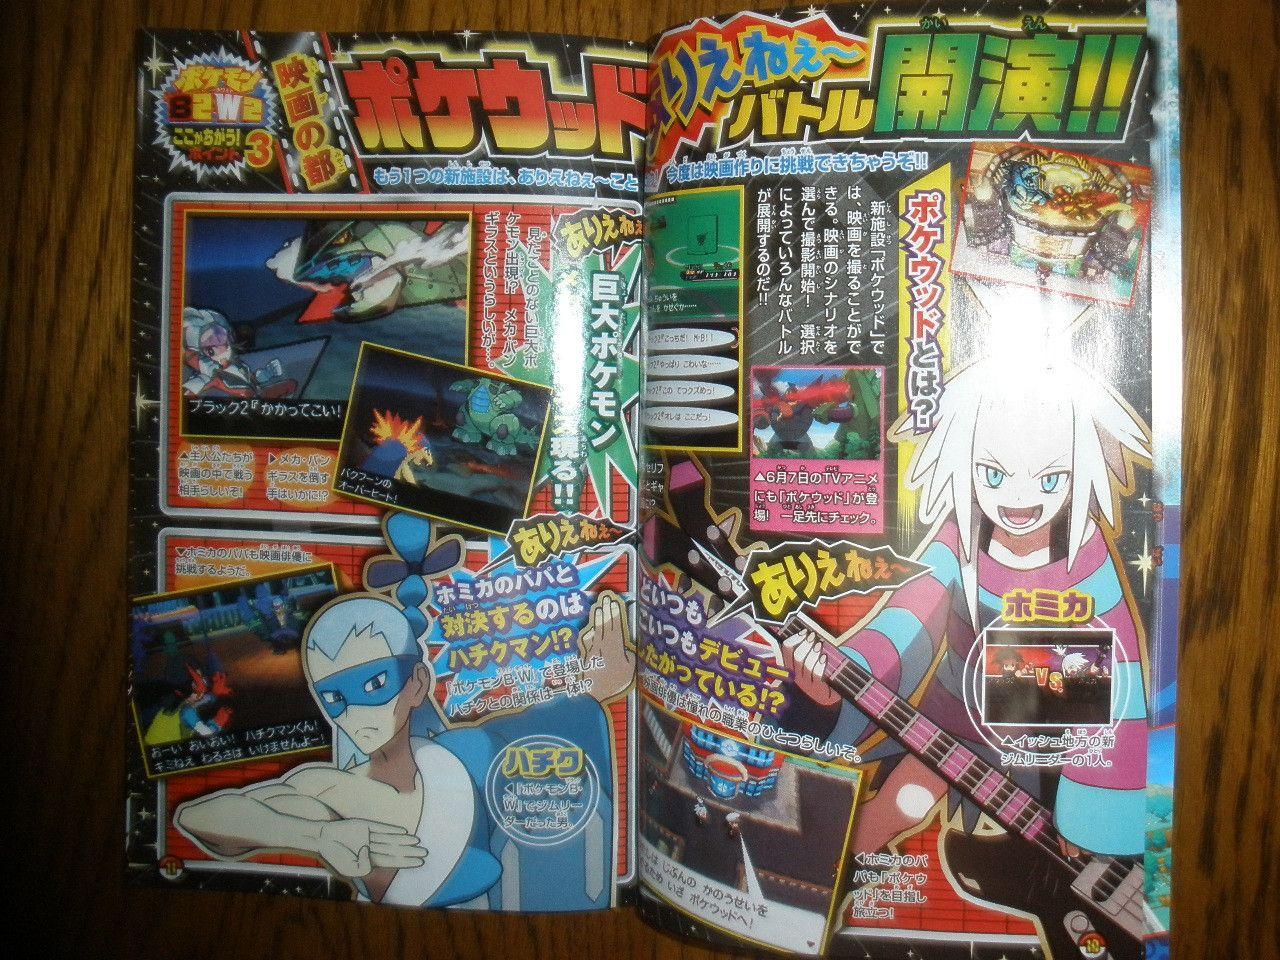 Novas scans mostram aparição de personagens antigos em Pokémon Black 2 & White 2 (DS) Corocoro5123